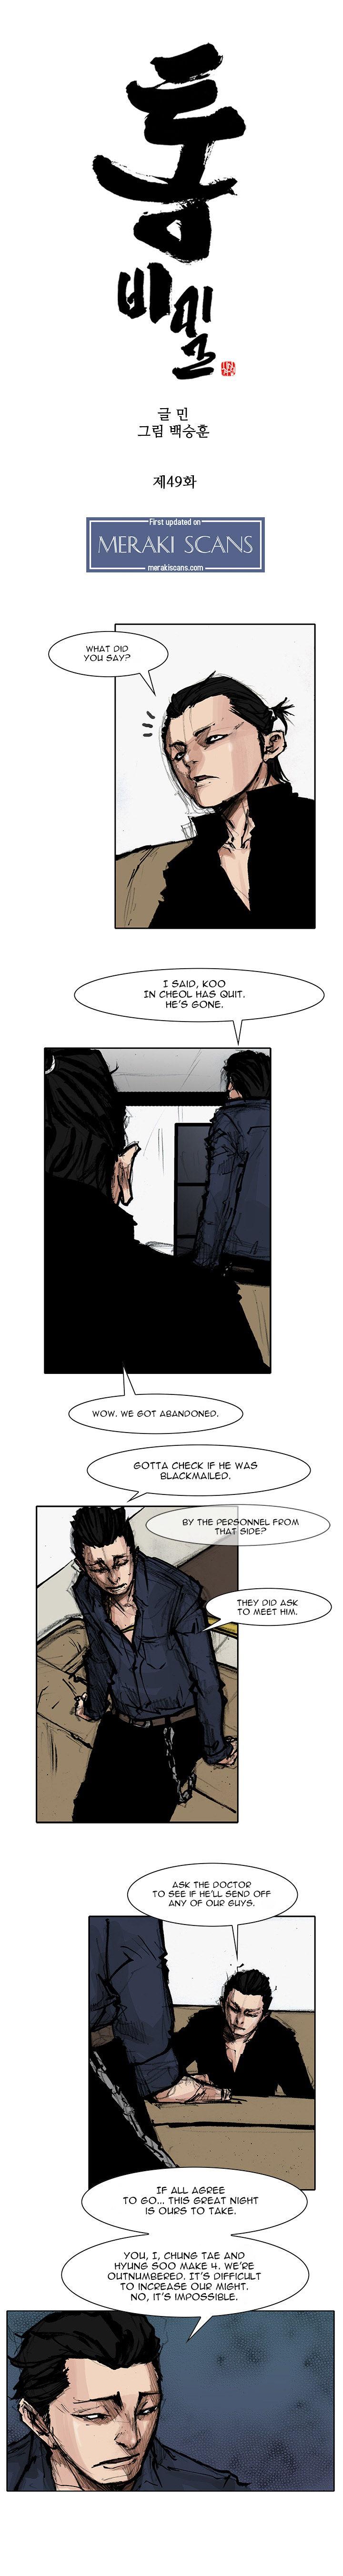 Tong 81 Page 2